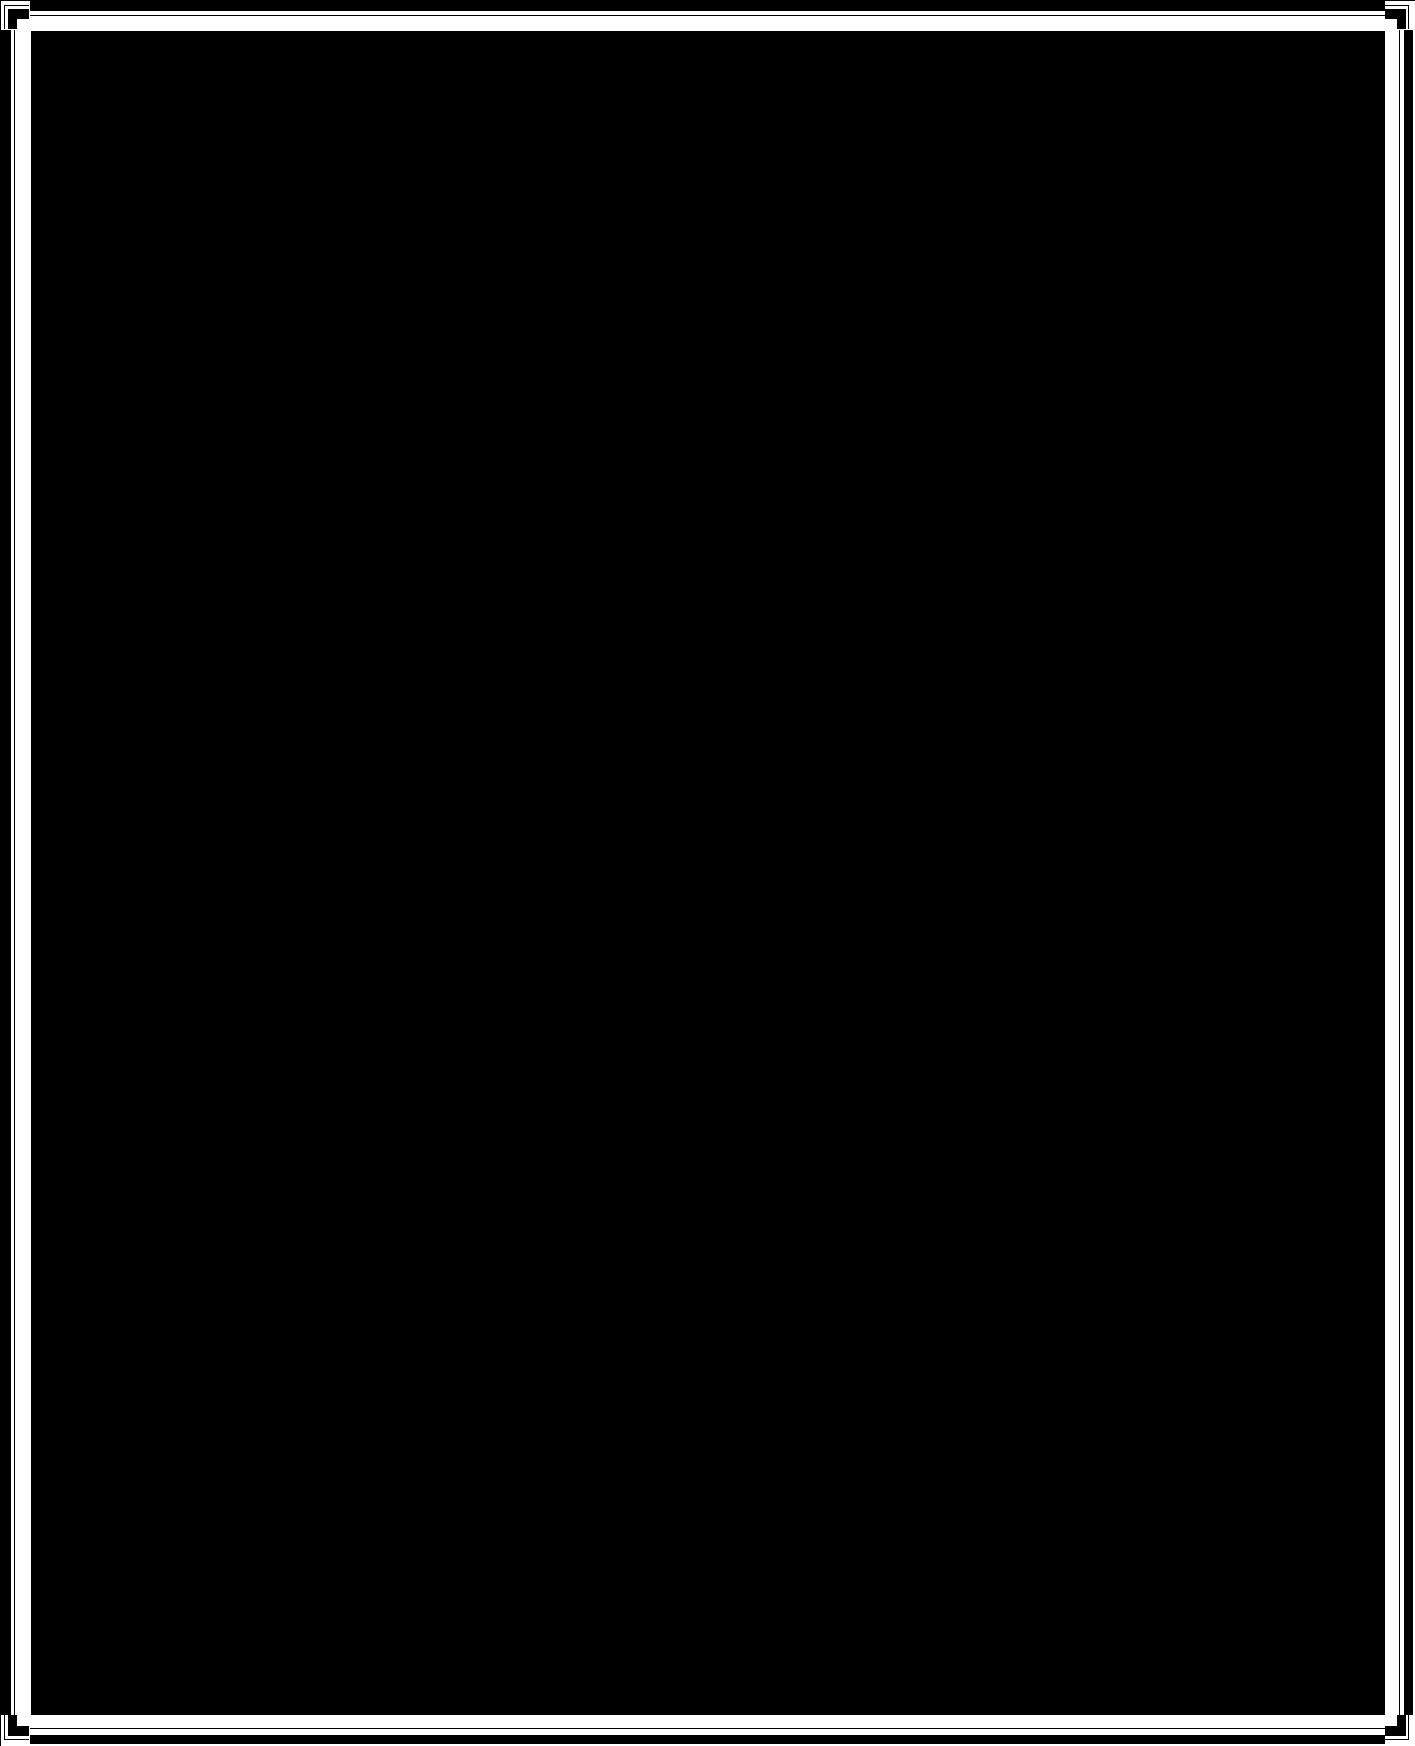 HD Black Rectangle Outline Transparent.